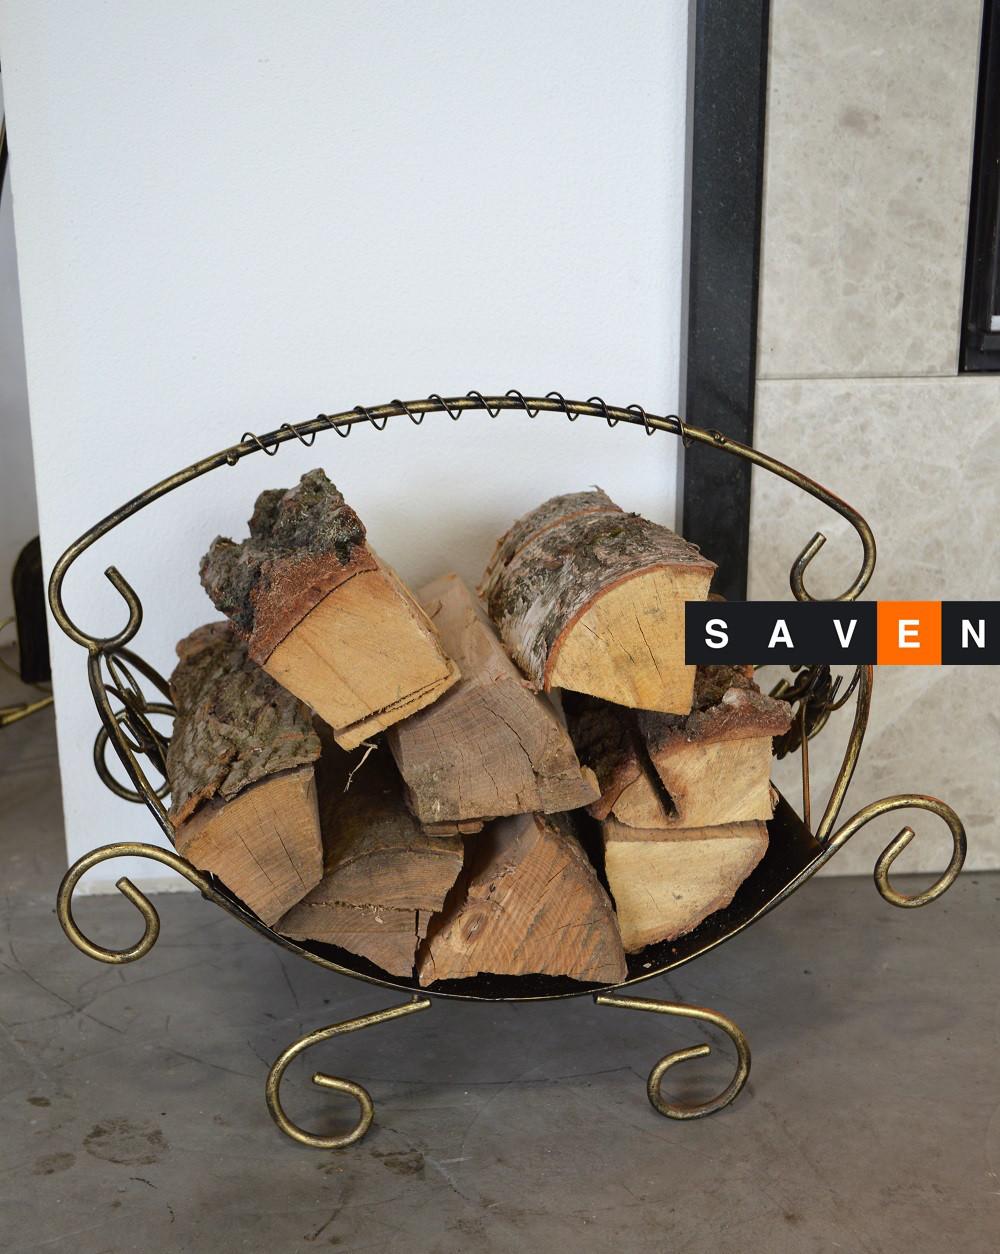 Корзина для дров (дровница) Golden Lion 4 - SAVEN   Saving Energy  в Киеве